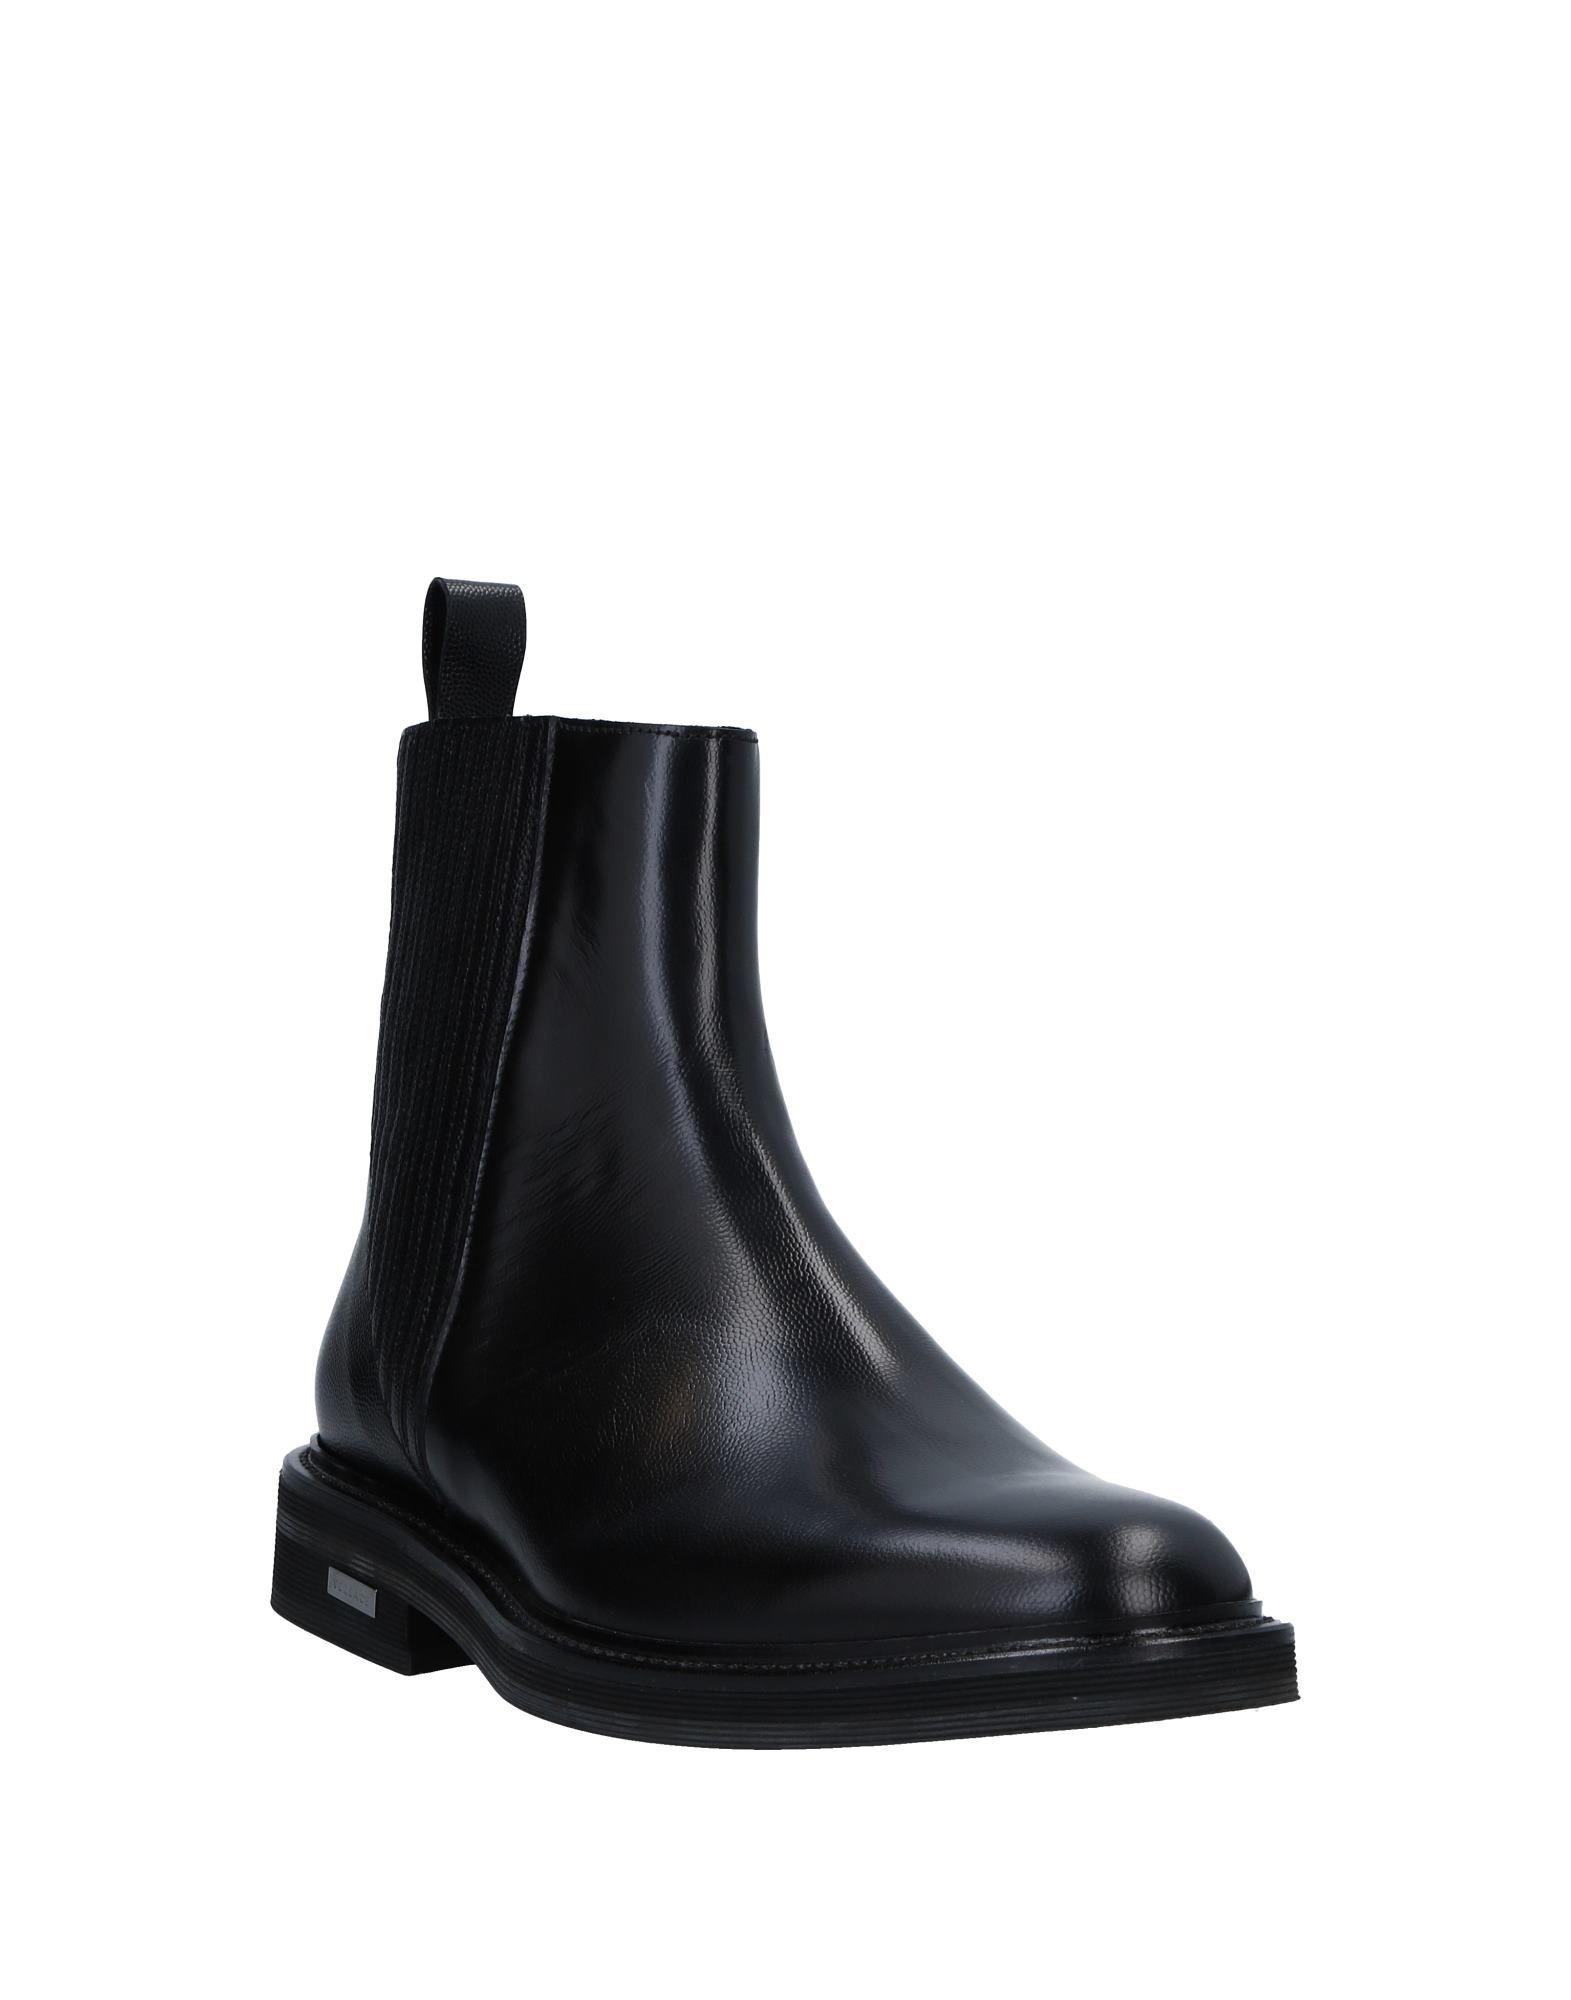 Versace Stiefelette Herren  11532708TL Schuhe Gute Qualität beliebte Schuhe 11532708TL 4c7d2e